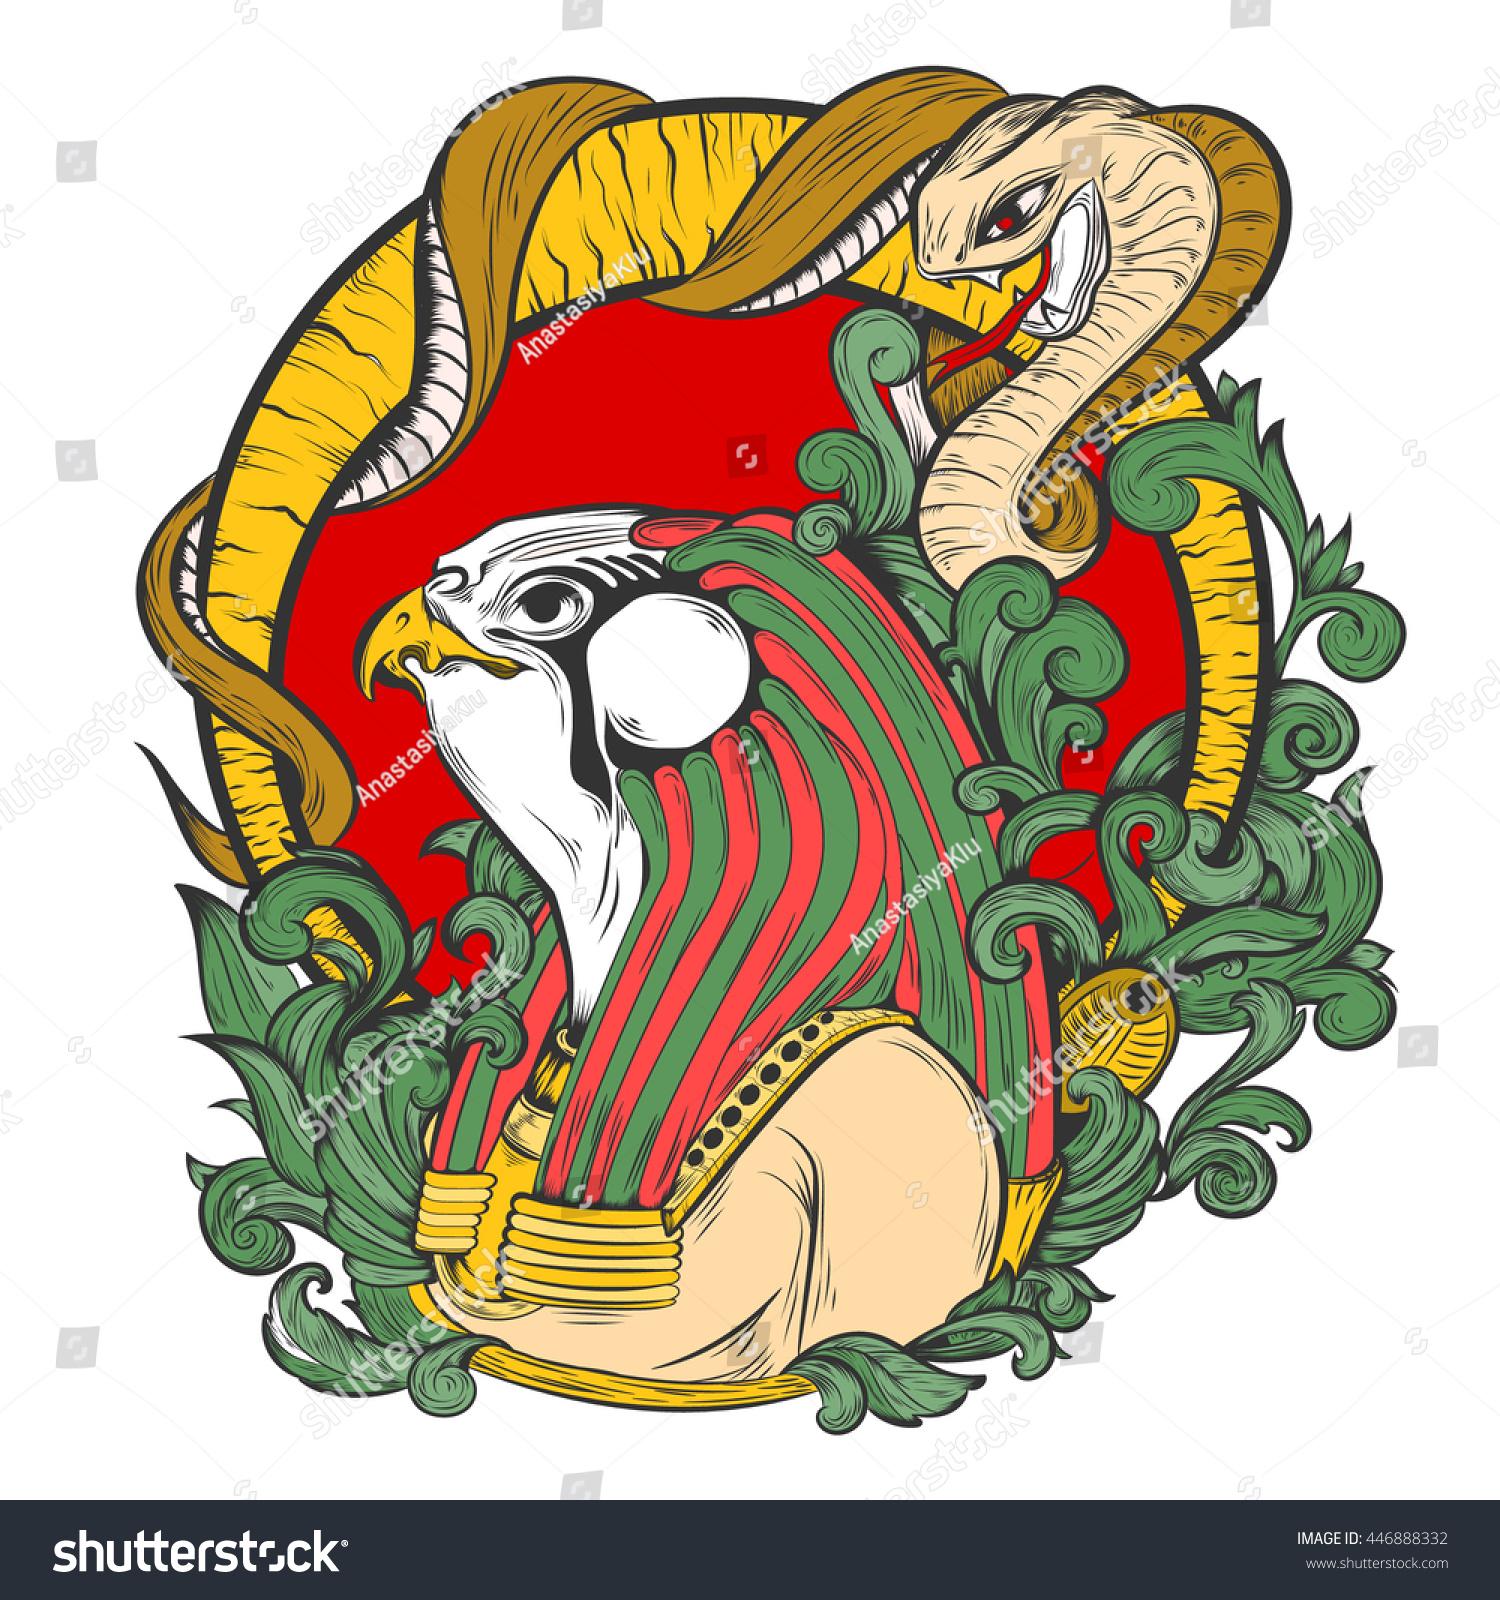 Vector illustration amon ra egyptian god stock vector 446888332 vector illustration of amon ra egyptian god with a snake buycottarizona